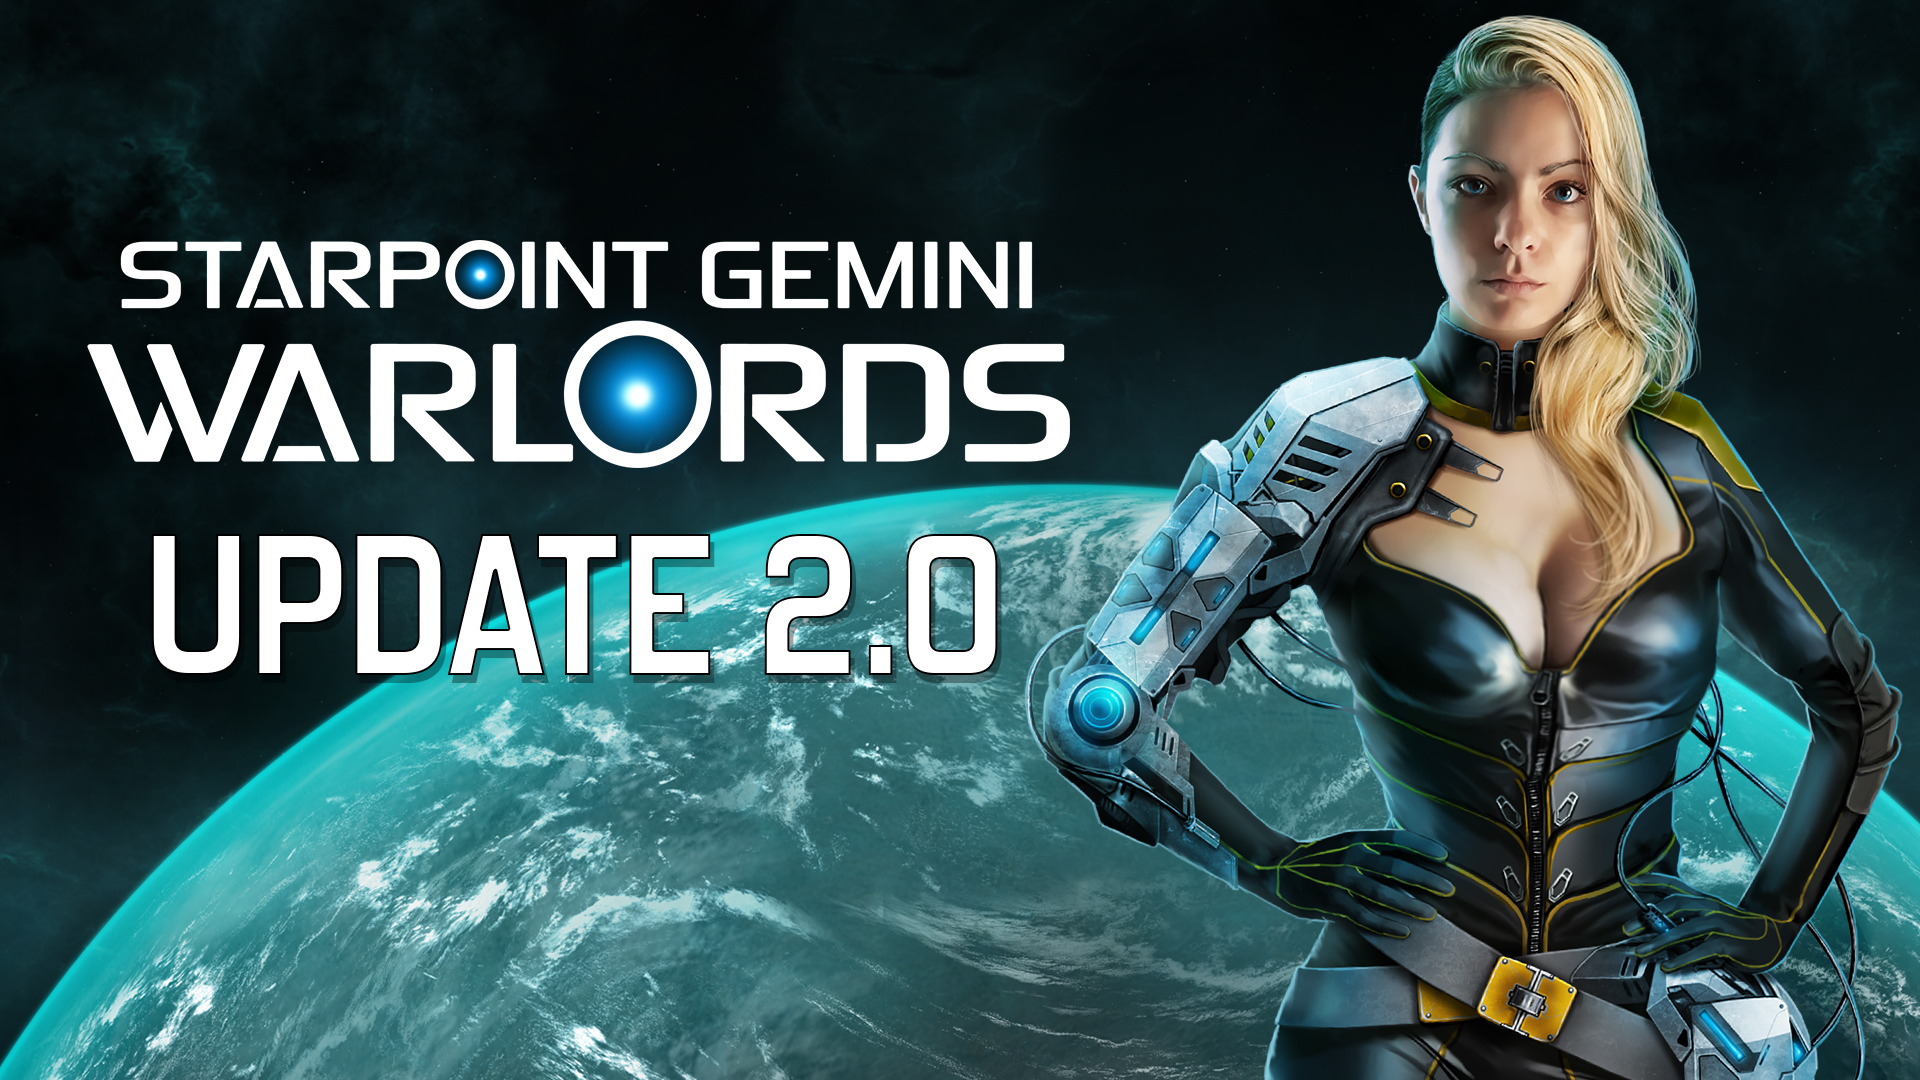 spgw update 20